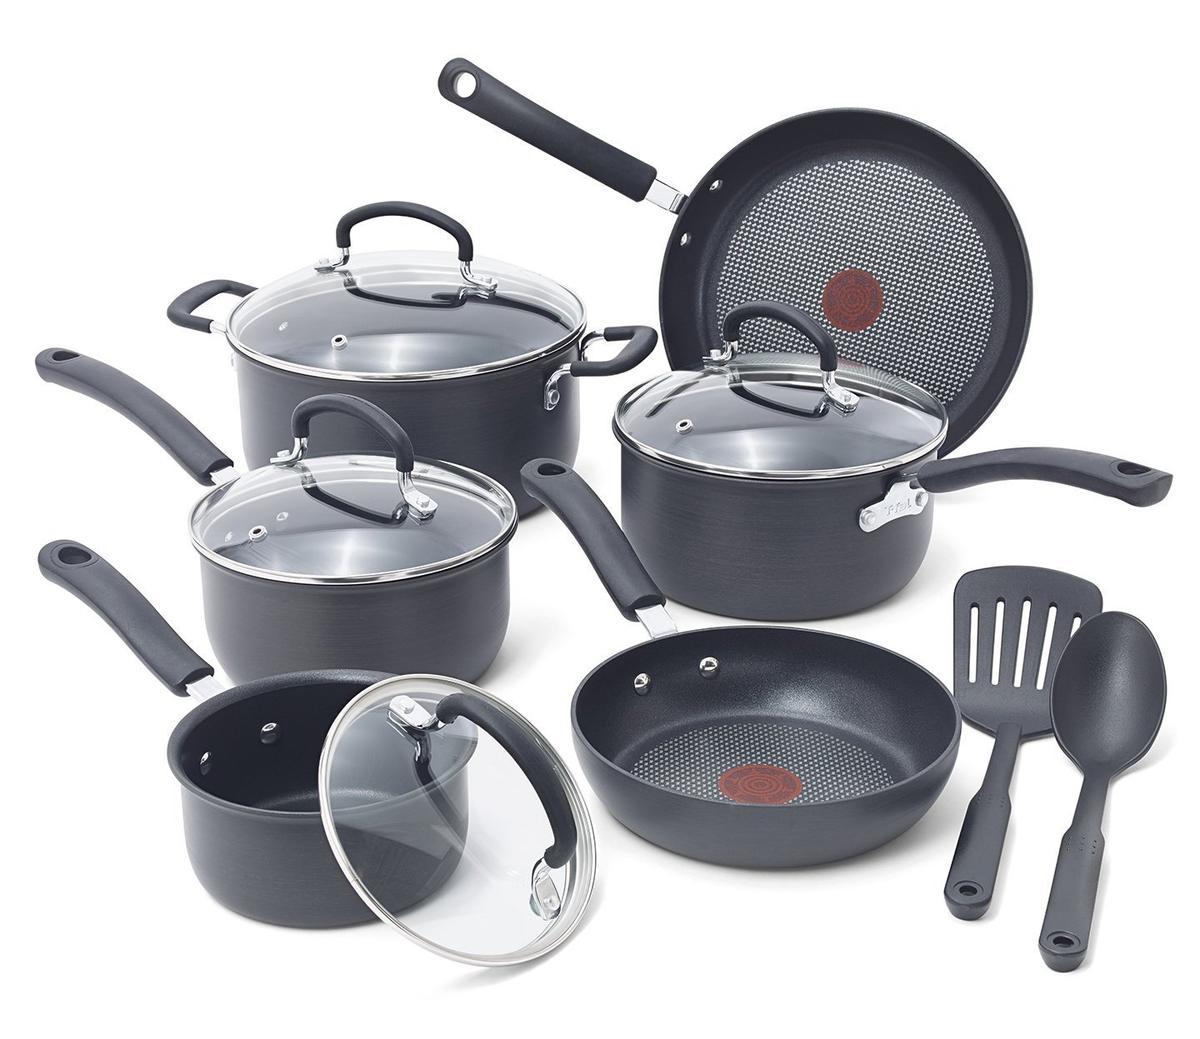 T-fal ティファール チタン ノンスティック 焦げ付かない 鍋 フライパン 6種類 セット 海外 キッチン用品